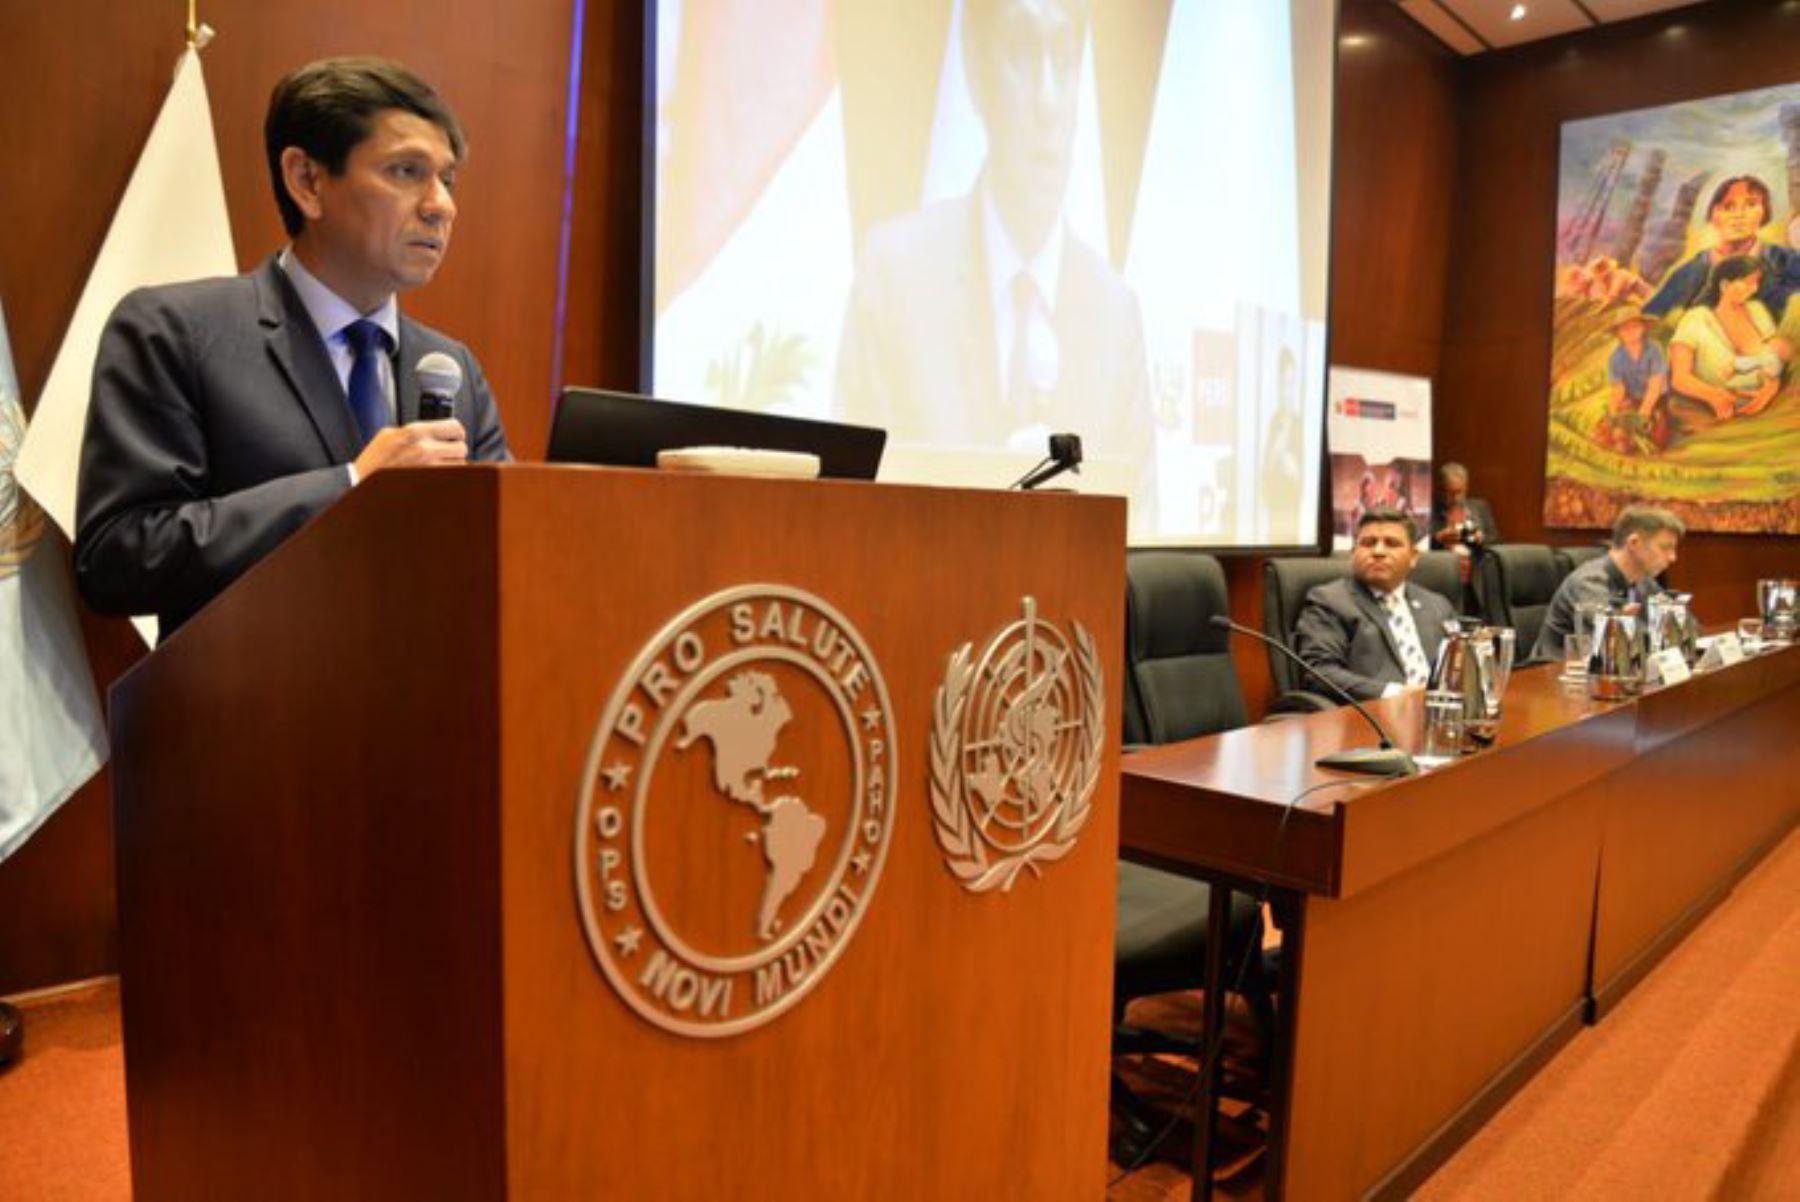 El titular del Ministerio de Desarrollo e Inclusión Social (Midis), Jorge Meléndez, participó en una actividad conmemorativa por el octavo aniversario del programa social Pensión 65.